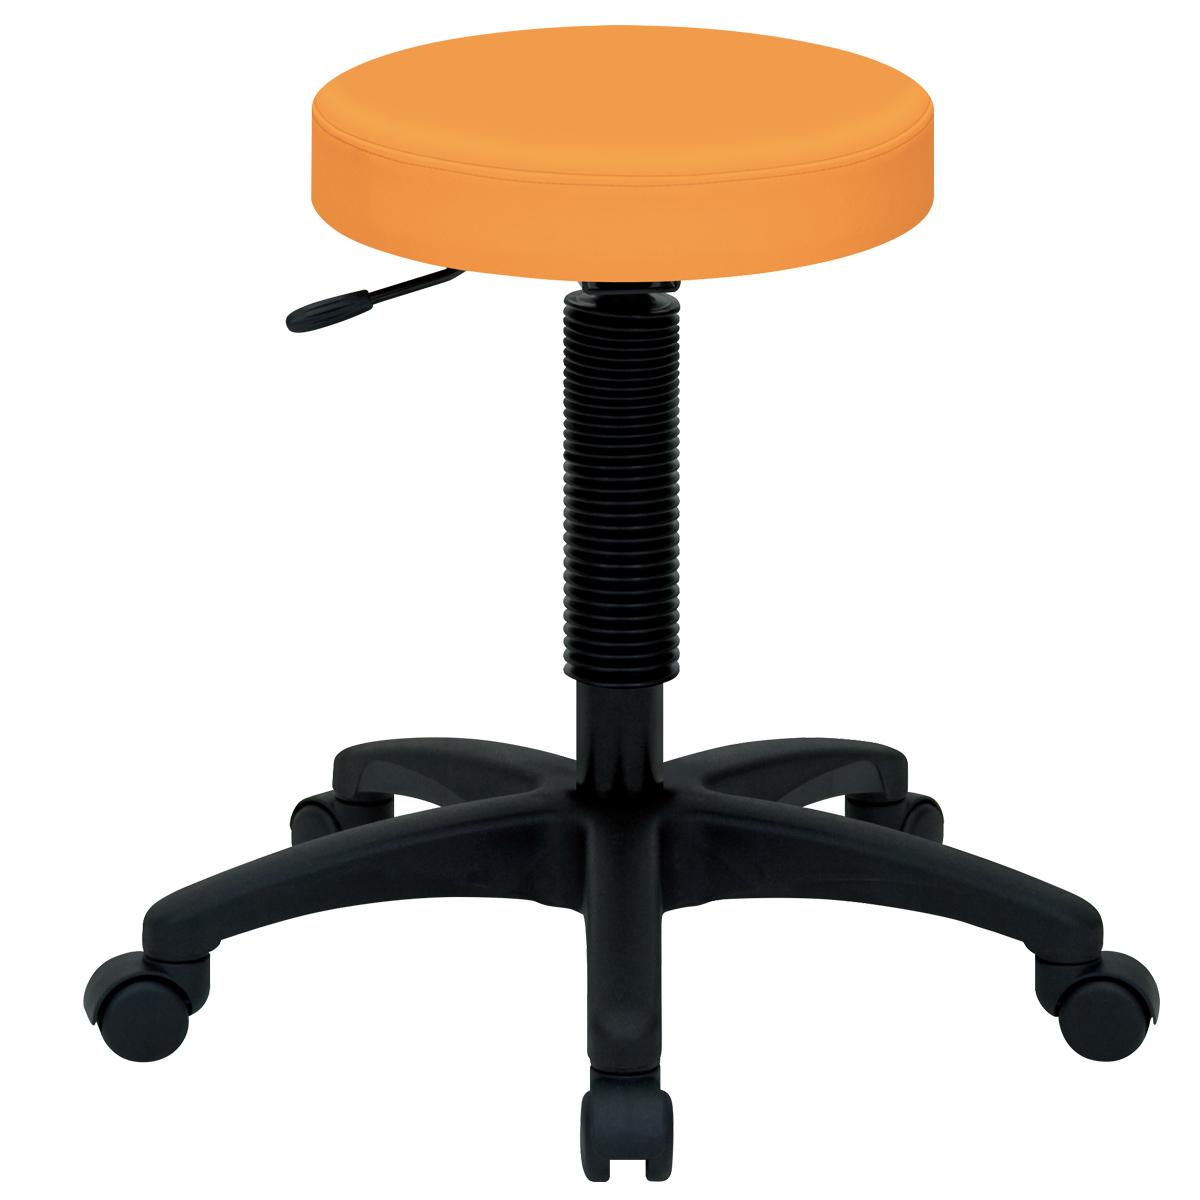 ホスピタルチェア ハイタイプ W530 D550 H440-570 オレンジ チェア ミーティングチェア スツール 椅子 ラウンジチェア キャスター オフィス メーカー アルコール